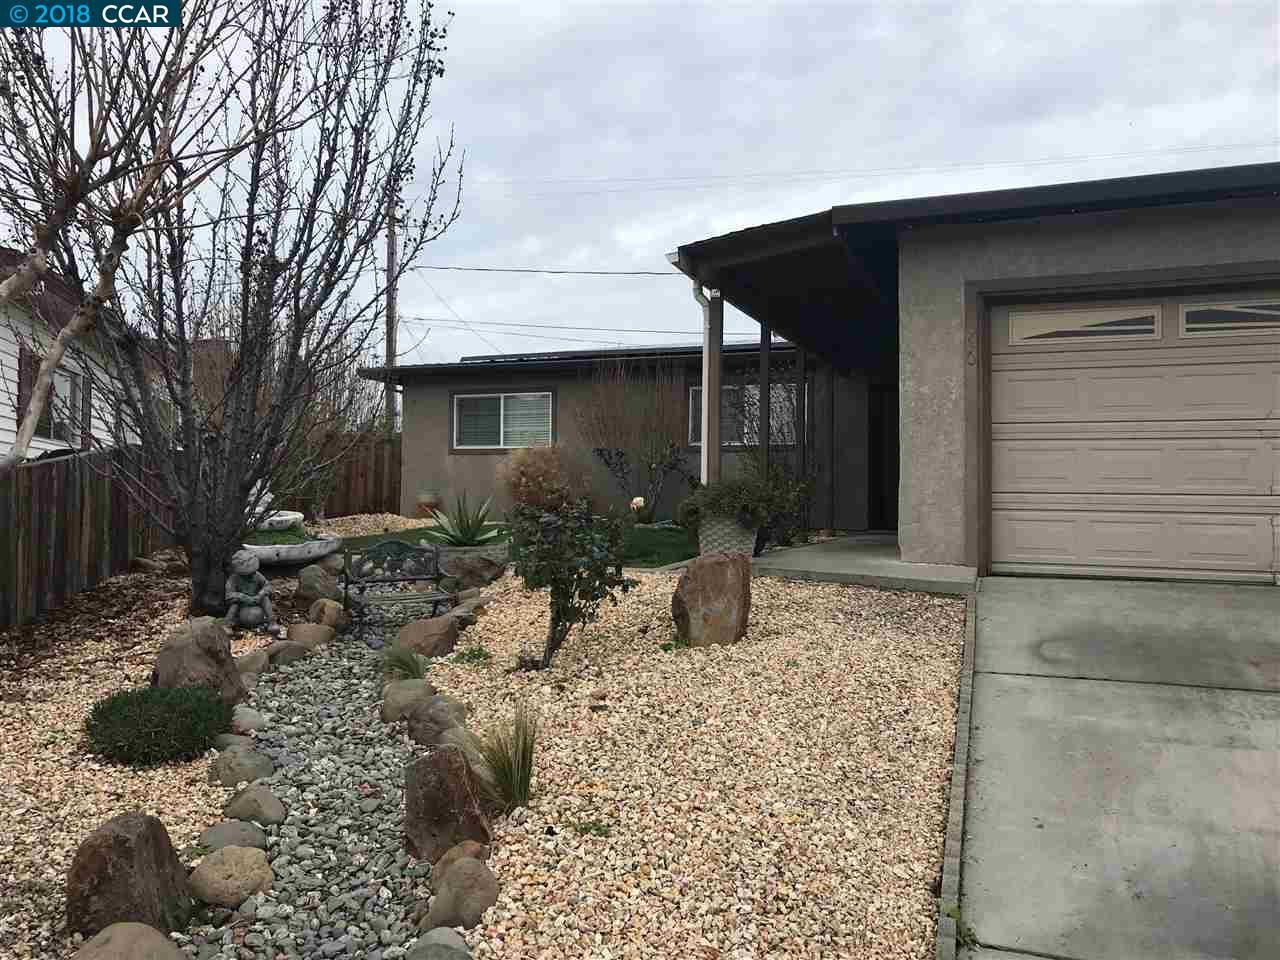 獨棟家庭住宅 為 出售 在 1930 Birdsong Avenue 1930 Birdsong Avenue Red Bluff, 加利福尼亞州 96080 美國